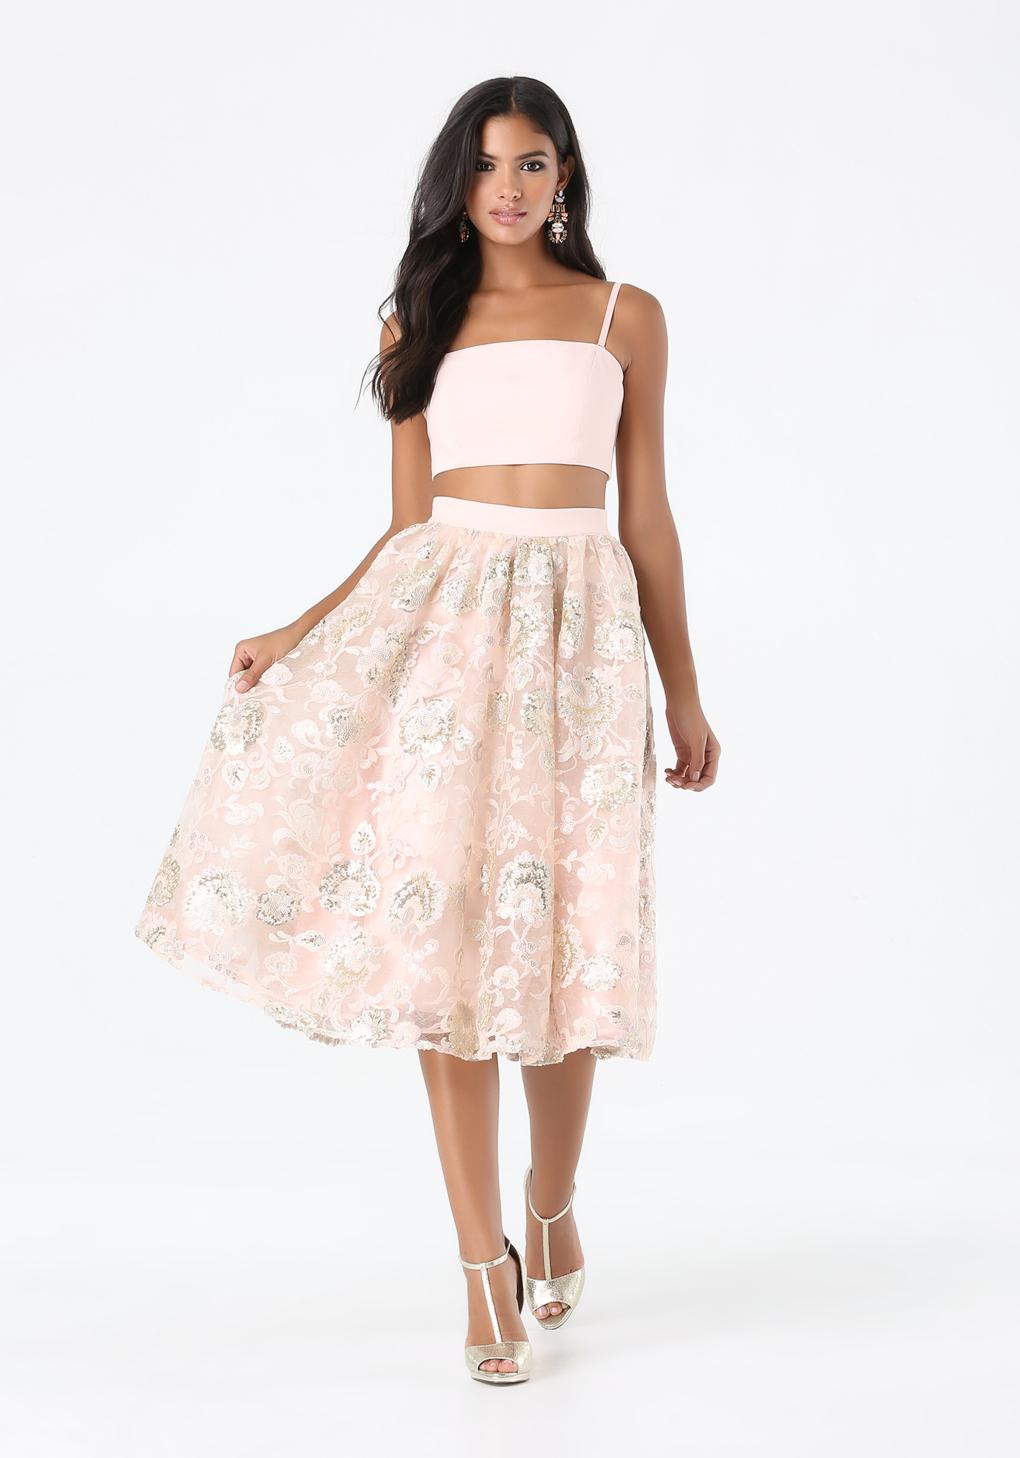 Bebe 2-piece Sequin Skirt Dress in Pink | Lyst